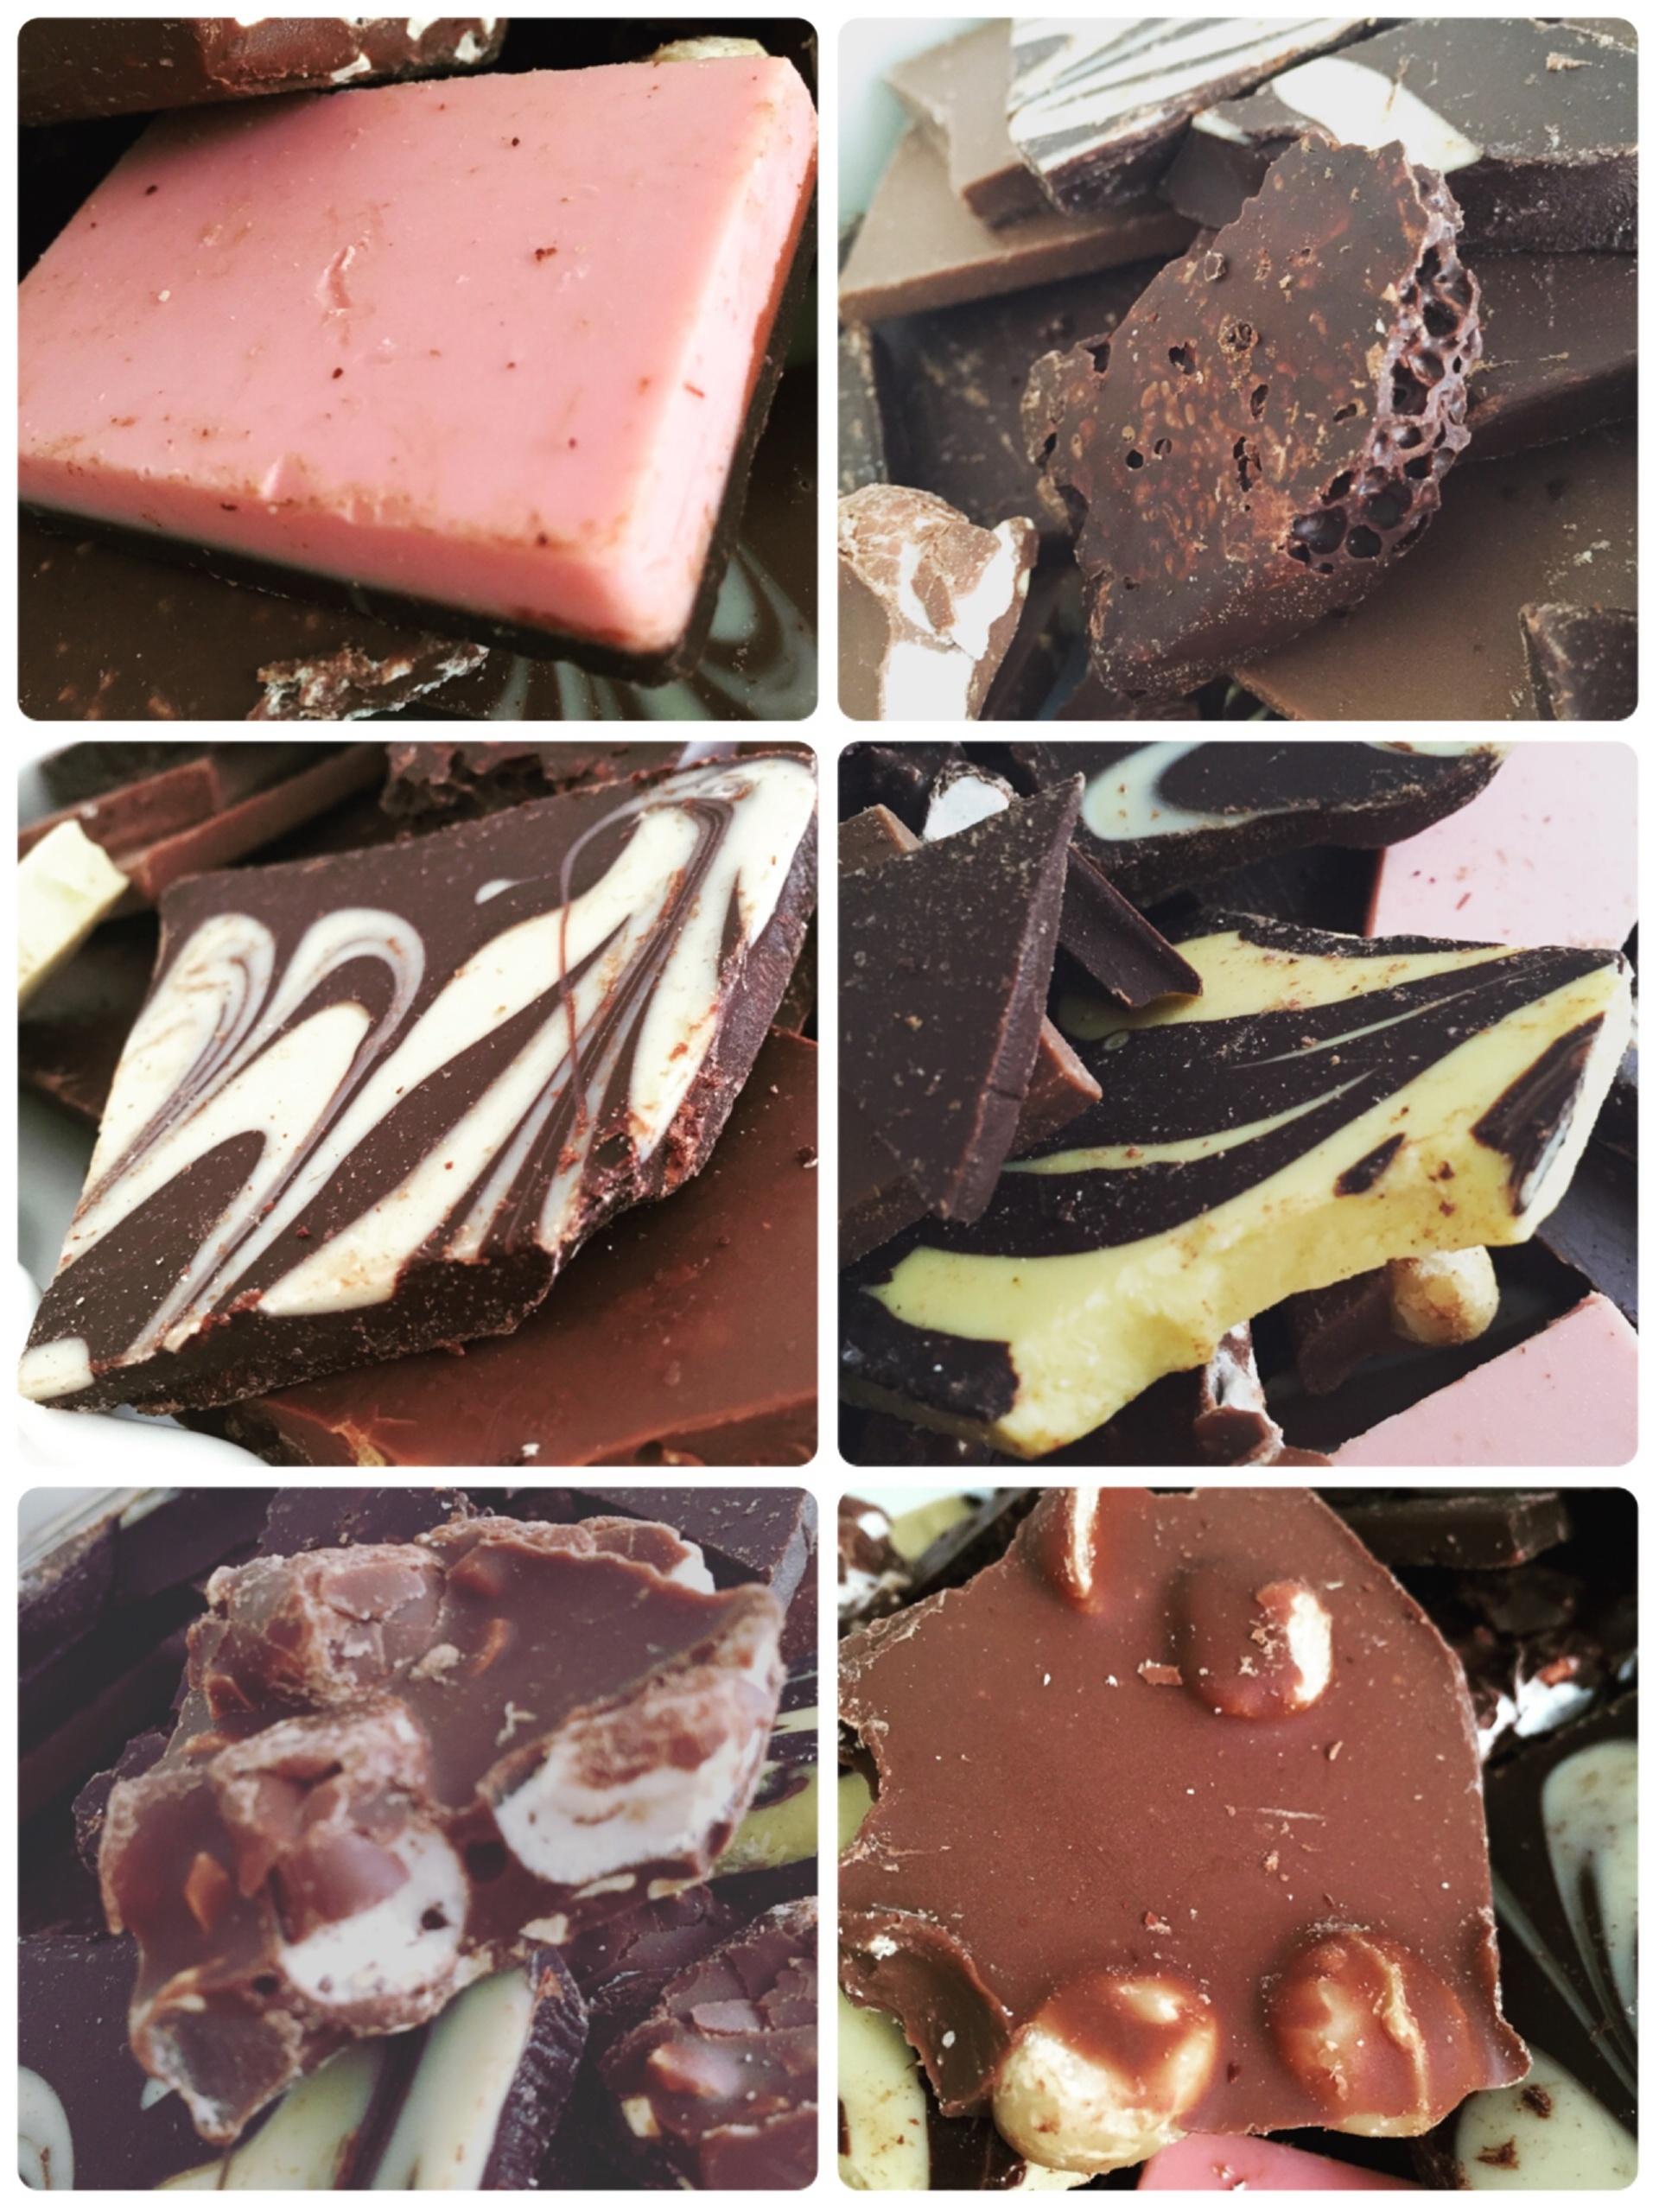 チョコ好きには堪らない♡とろける口どけ!クーベルチュールチョコを12種類も楽しめる♩訳あり割れチョコ 1kg≪samenyan≫_5